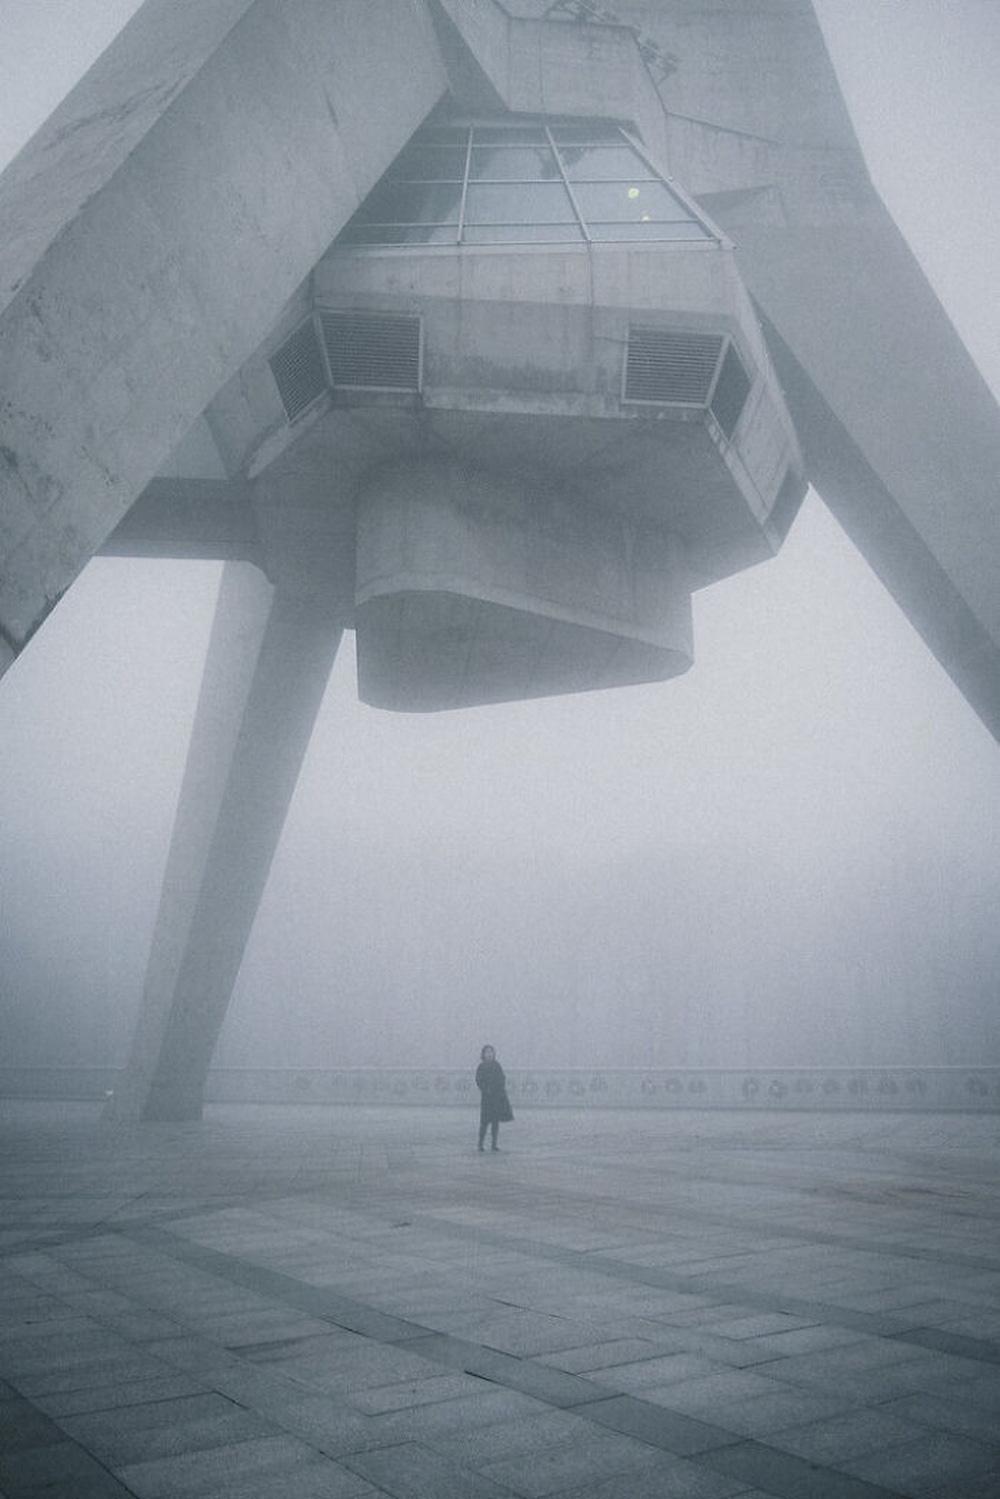 Những tòa nhà nhìn thoáng qua đã thấy rùng mình - Ảnh 8.